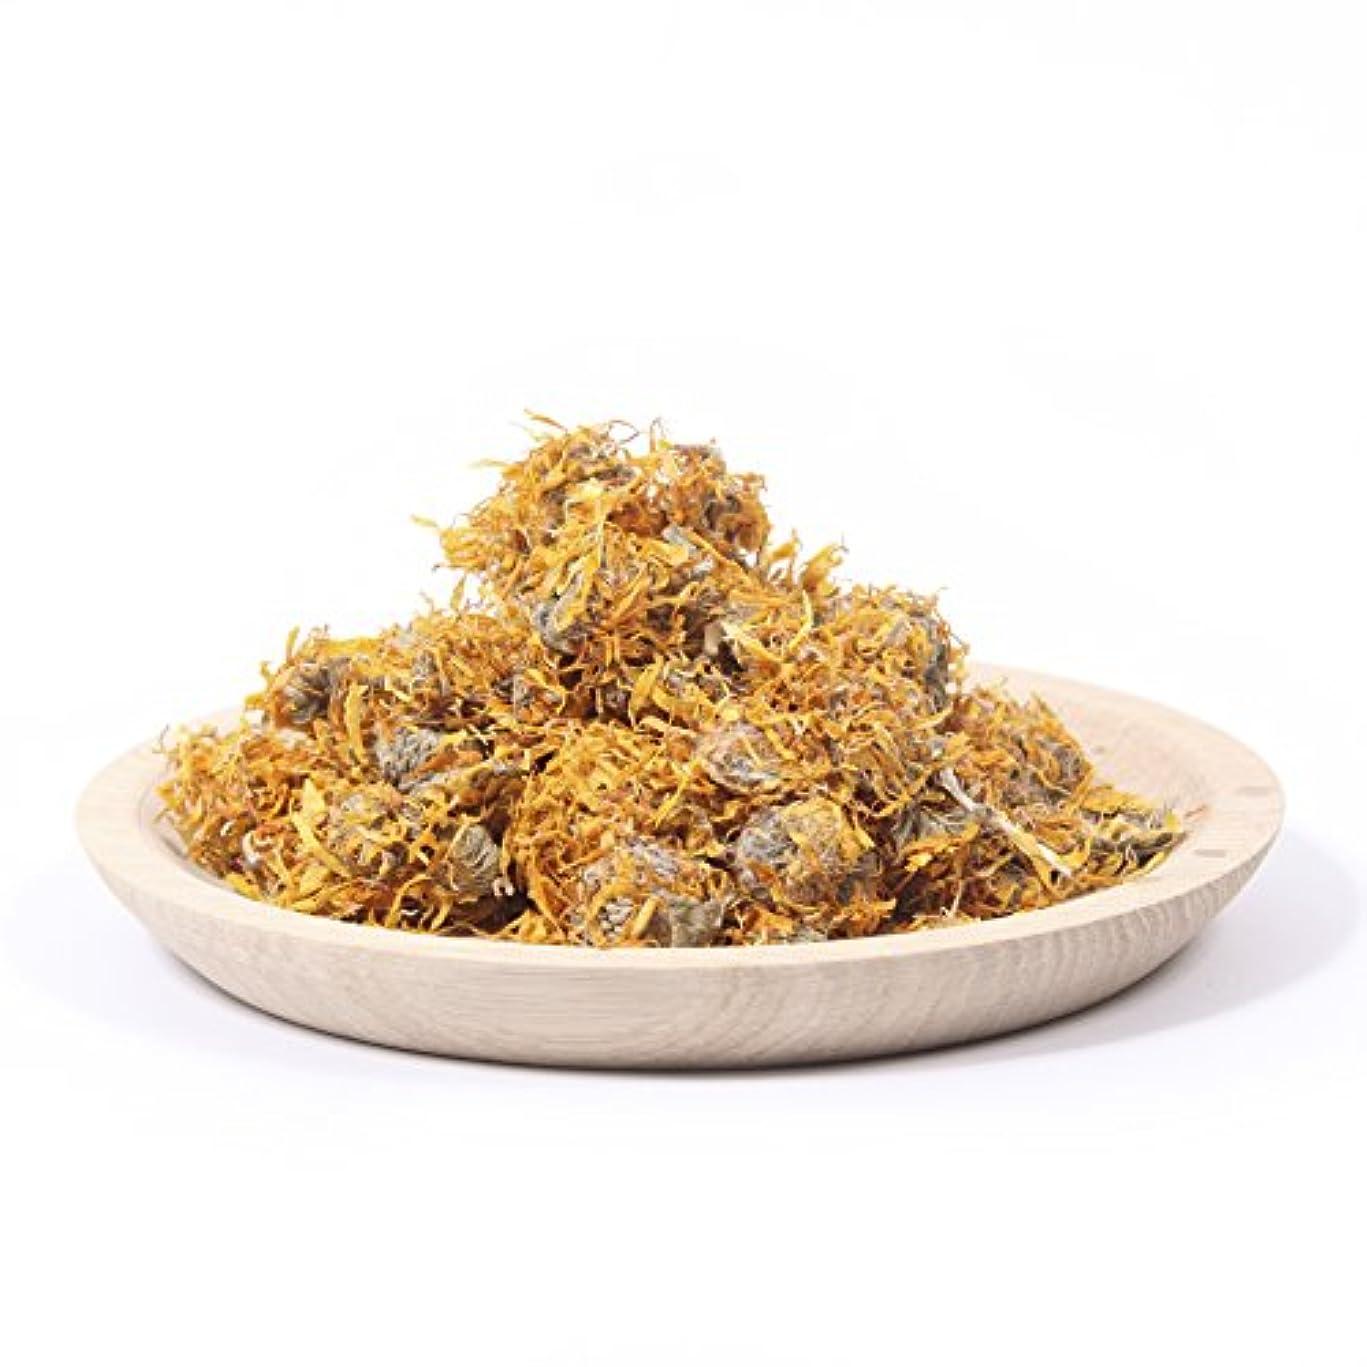 ロードブロッキング絶えず革命Dried Marigold Petals - 1Kg